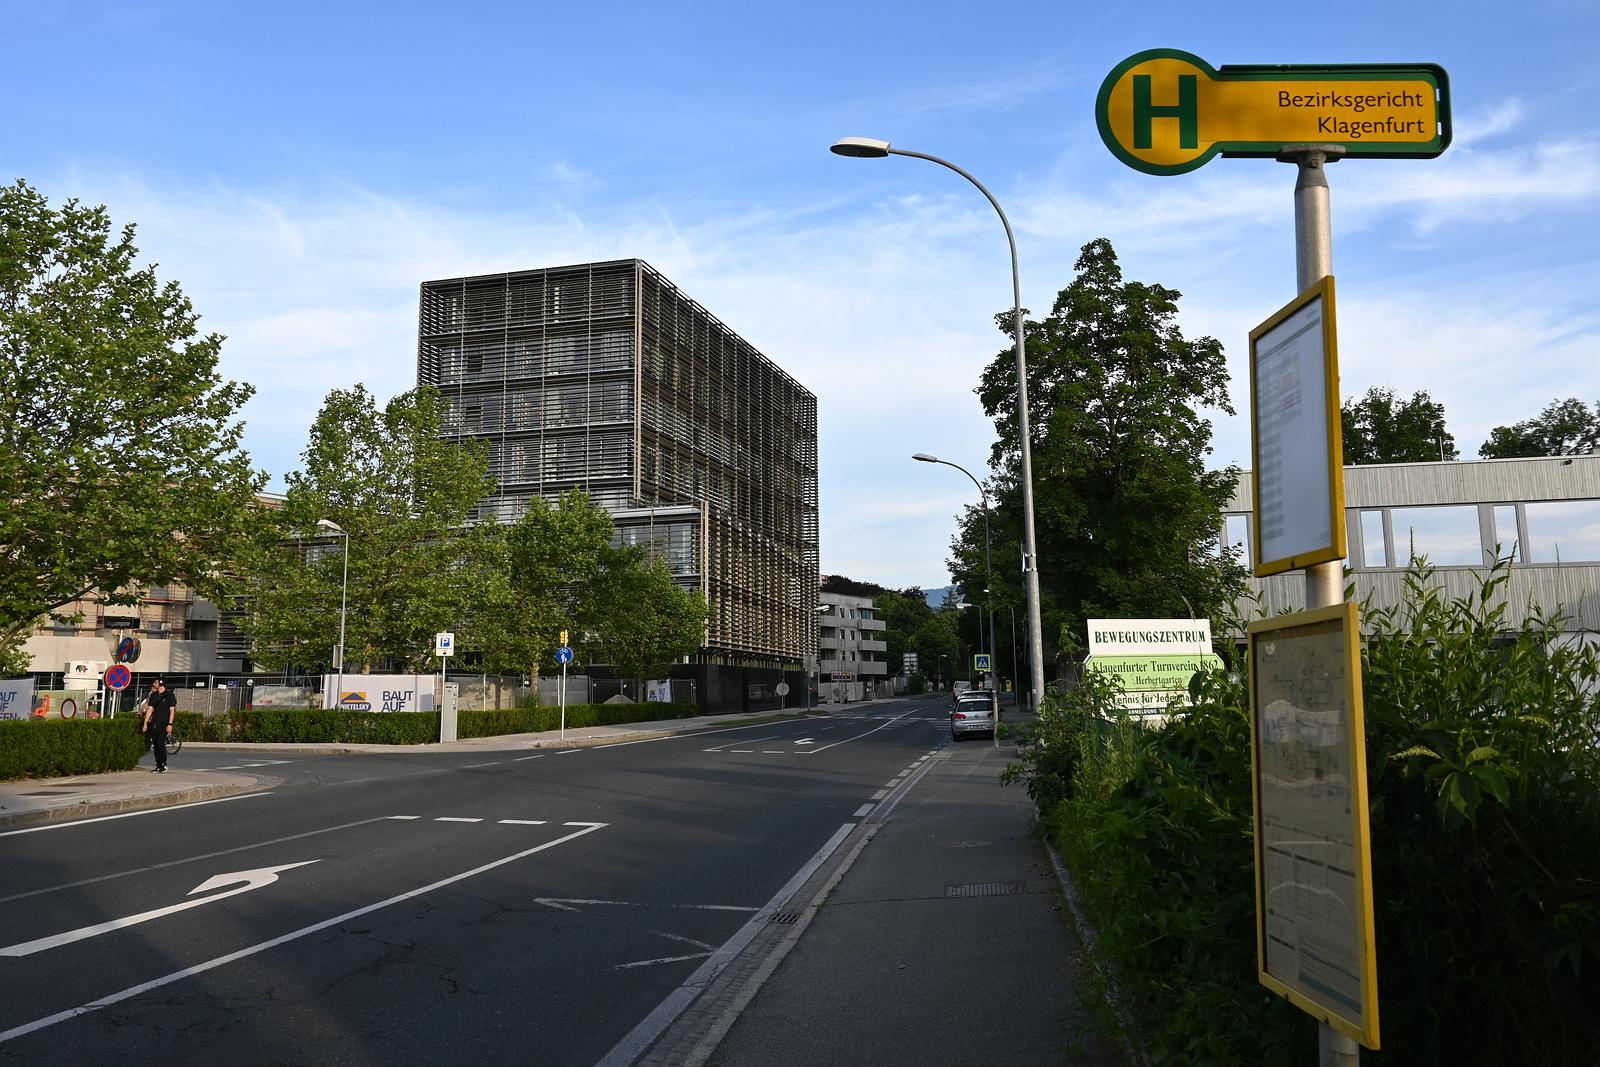 Haltestelle Bezirksgericht